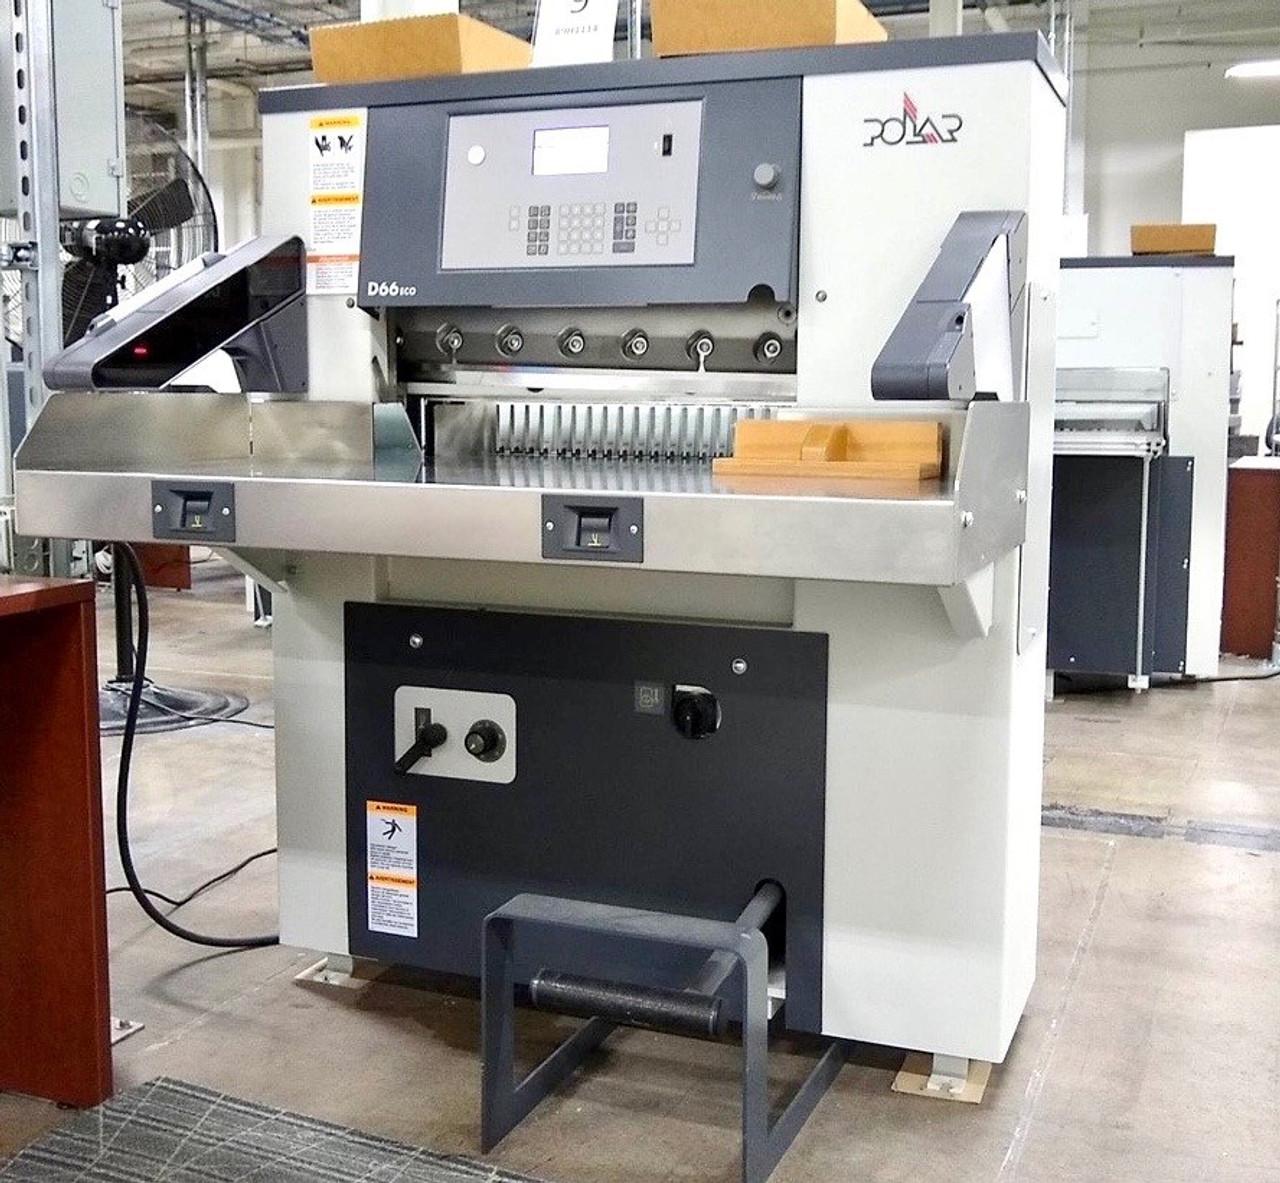 2019 Polar 66 Paper Cutter